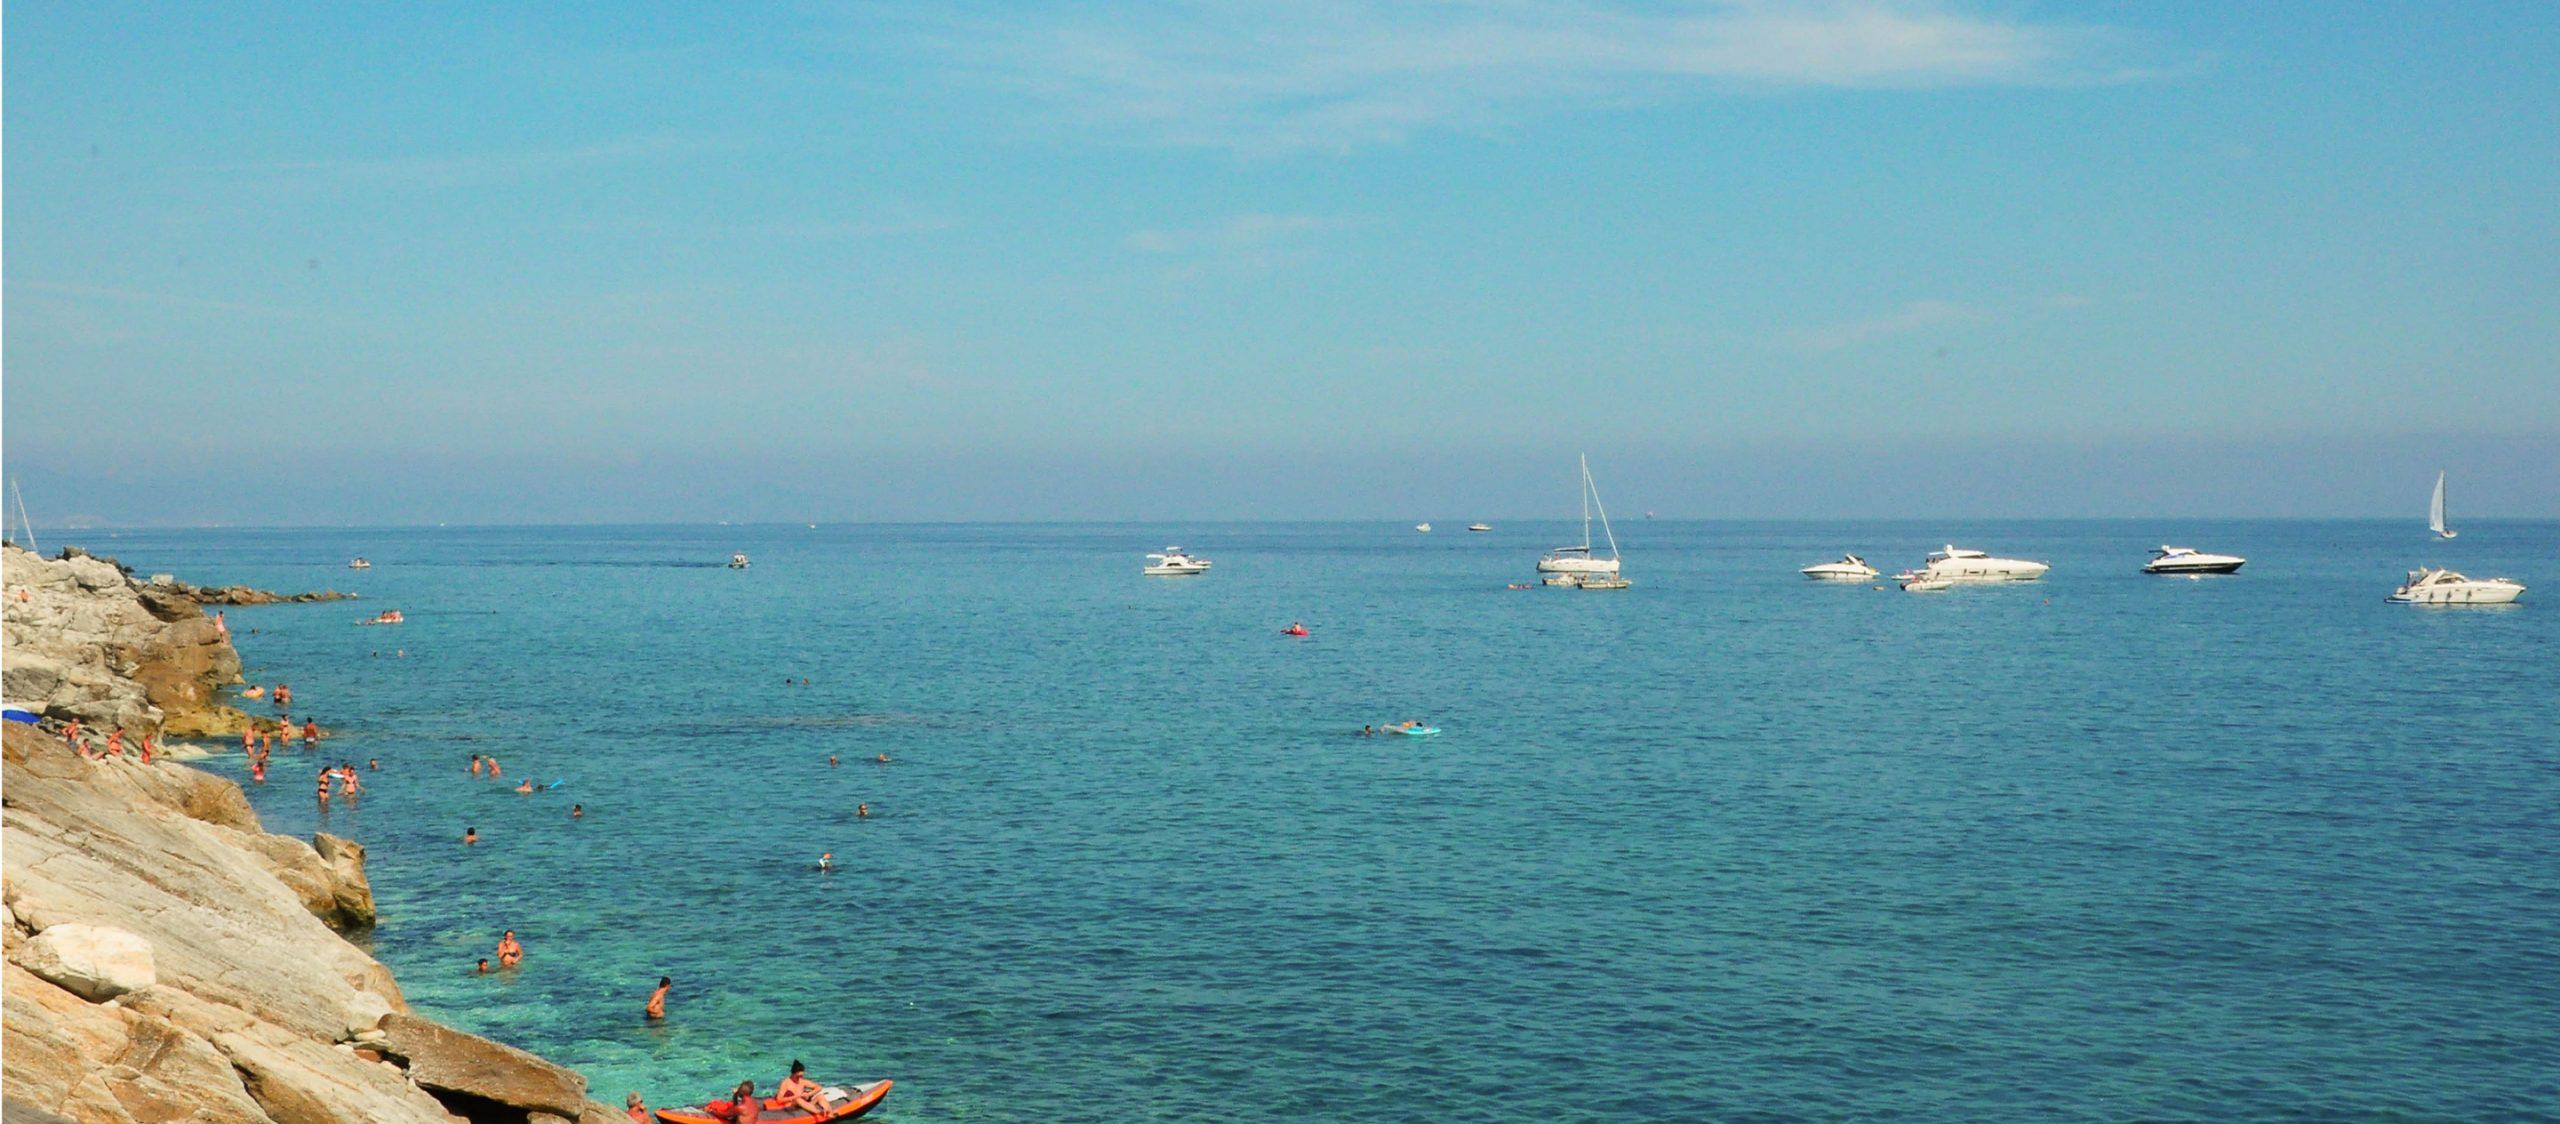 Liguria แคว้นริมหาดในอิตาลีที่สอนให้รู้ว่า ไม่ว่าจะเกิดอะไรขึ้นก็ตาม ชีวิตย่อมไปต่อ